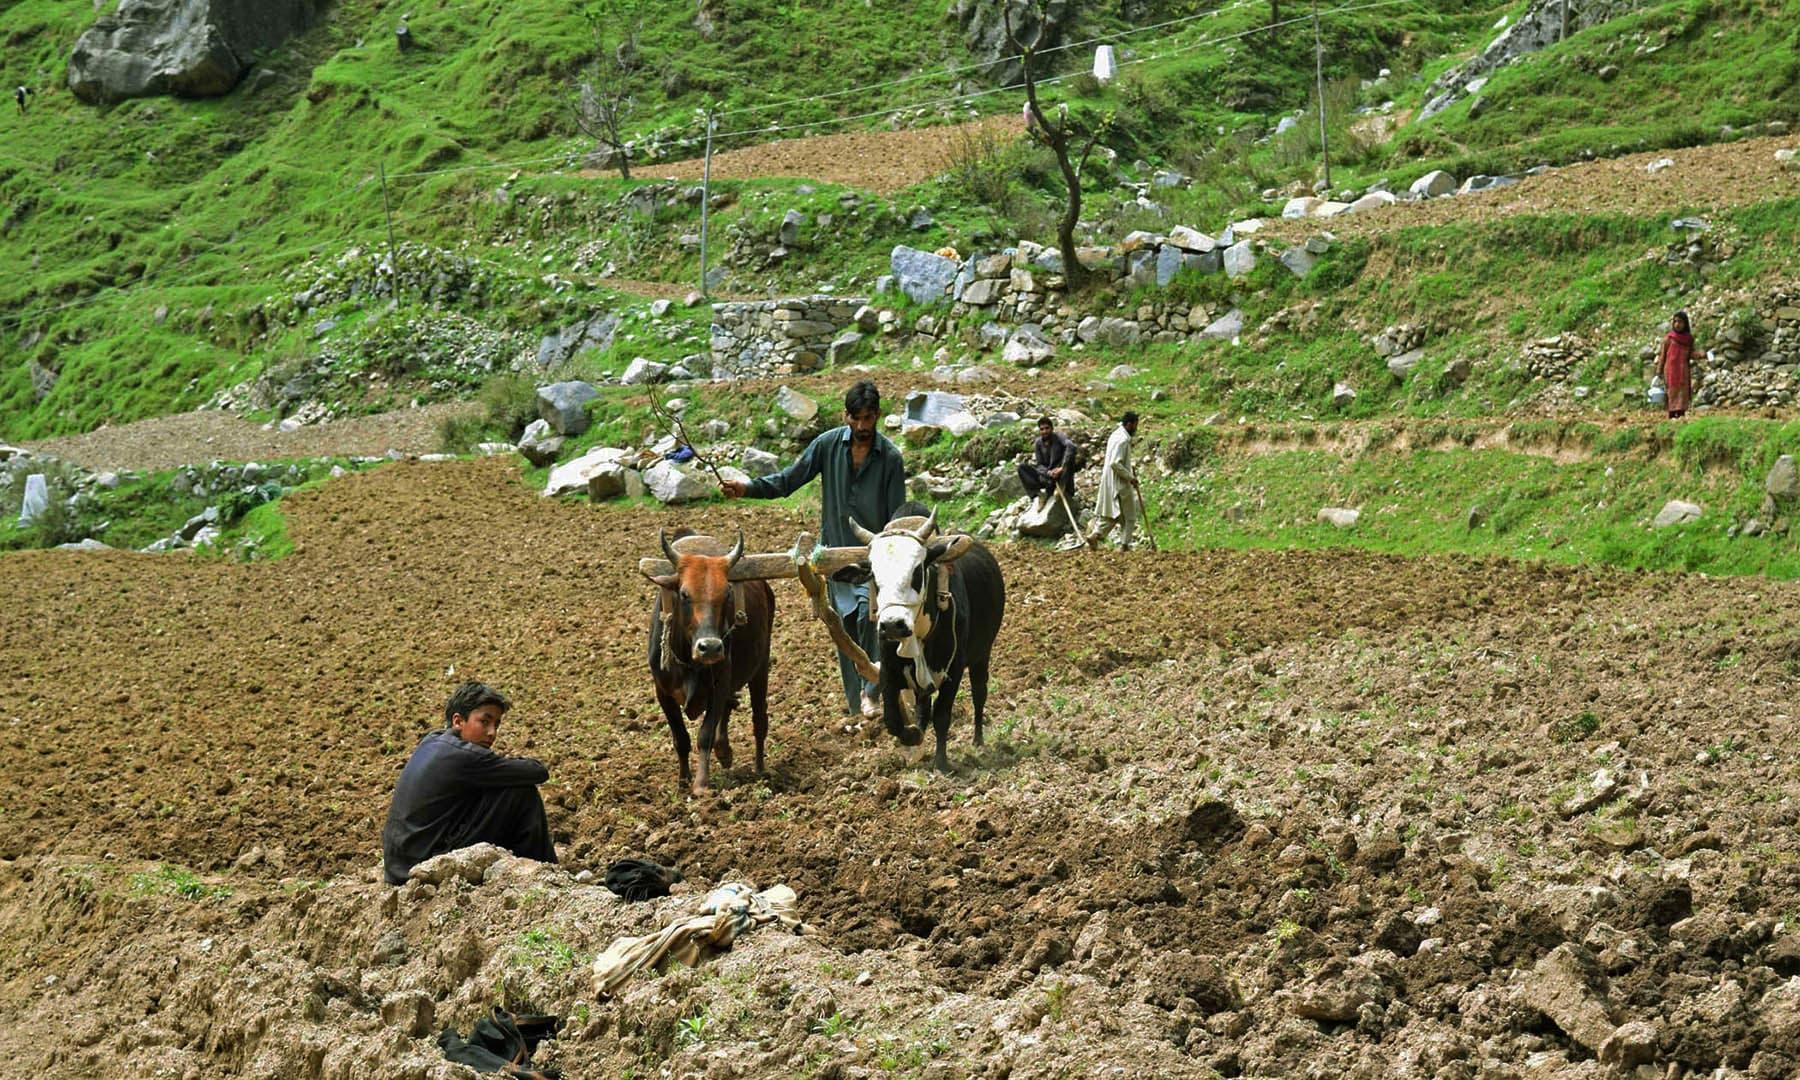 چاتیکل بانڈہ میں زمینوں میں ہل چلایا جا رہا ہے— تصویر امجد علی سحاب